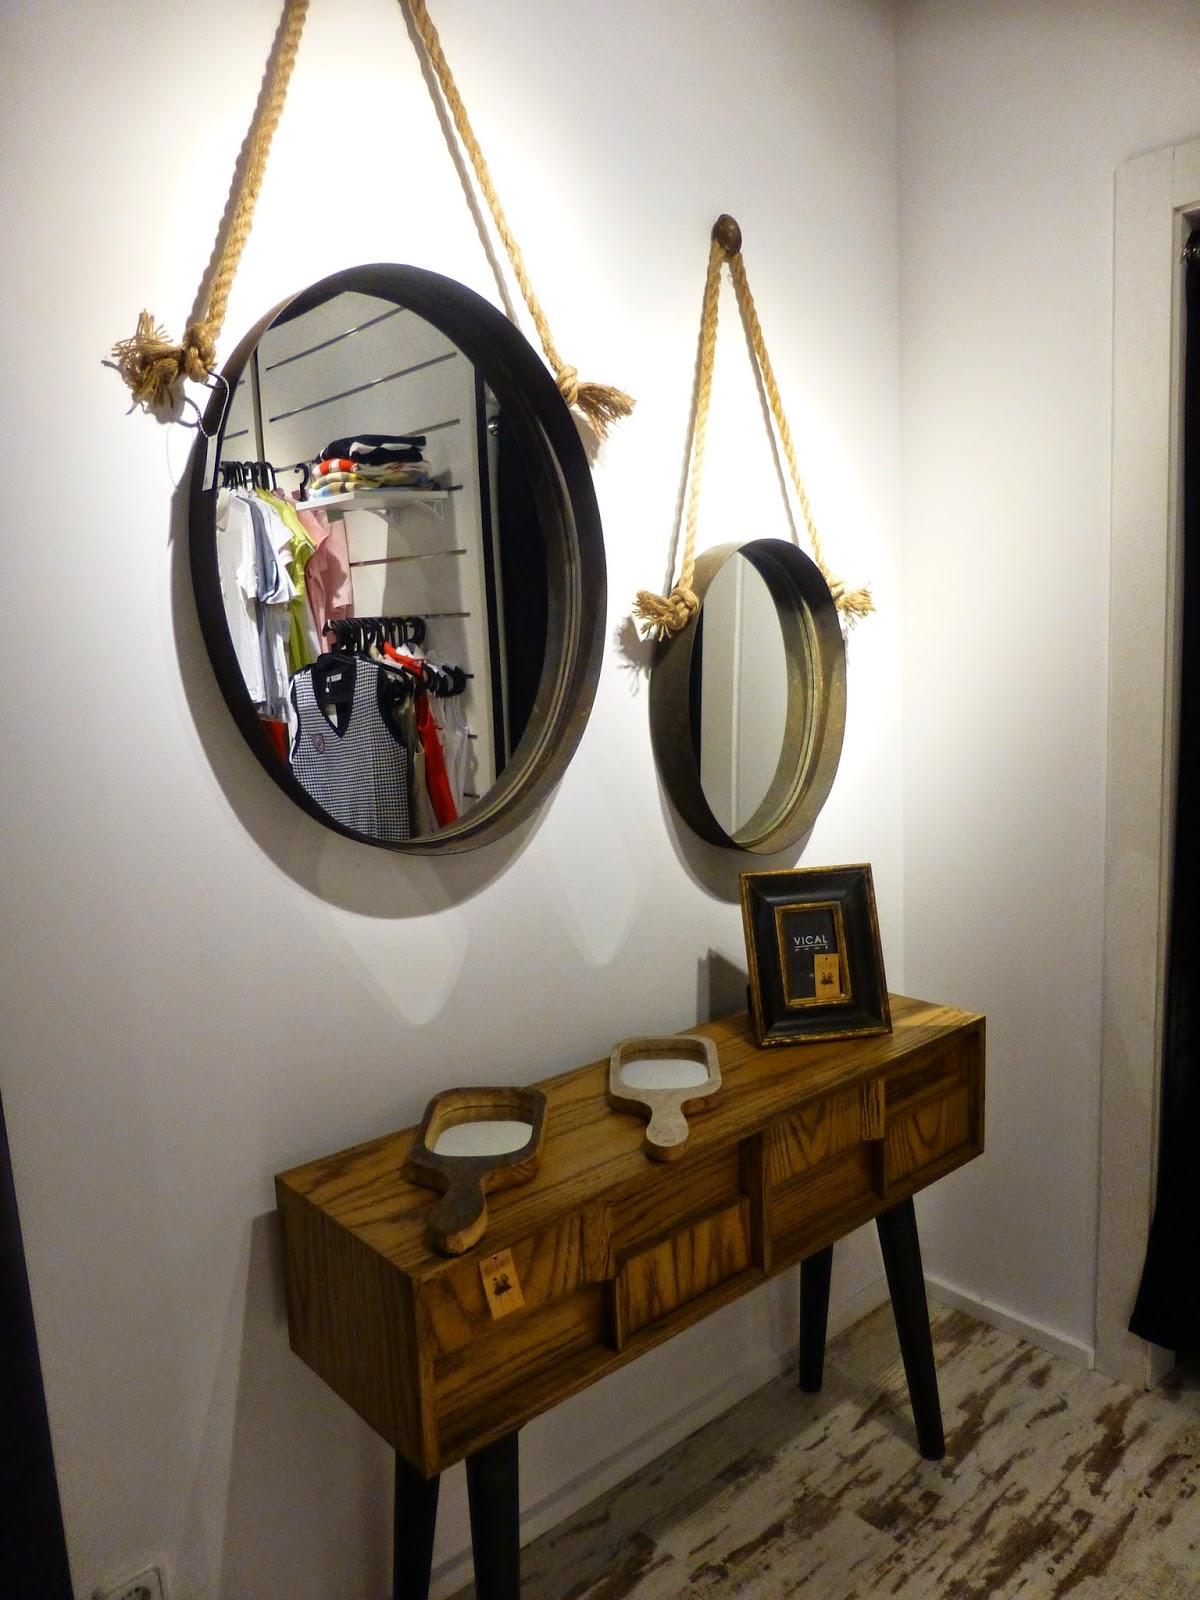 Tienda decoracion pamplona latest tu centro en muebles y - Segunda mano pamplona muebles ...